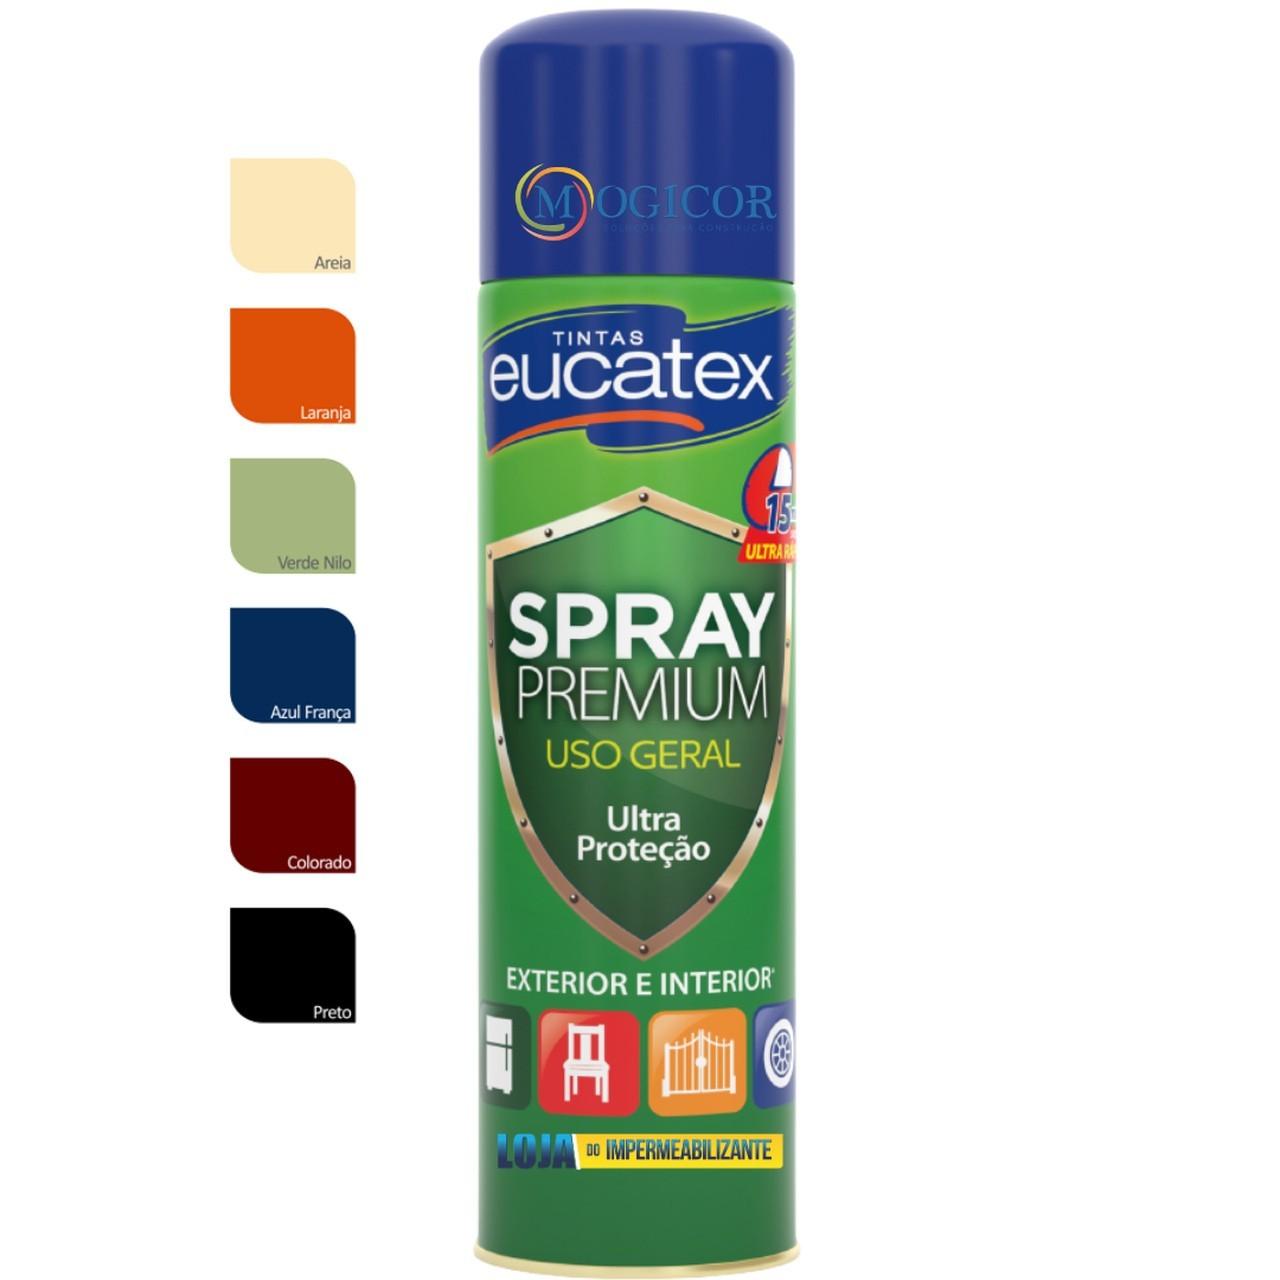 Tinta Spray Premium P/ Pintura De Metais, Madeiras, Vidros e Alumínio 400ml - Eucatex